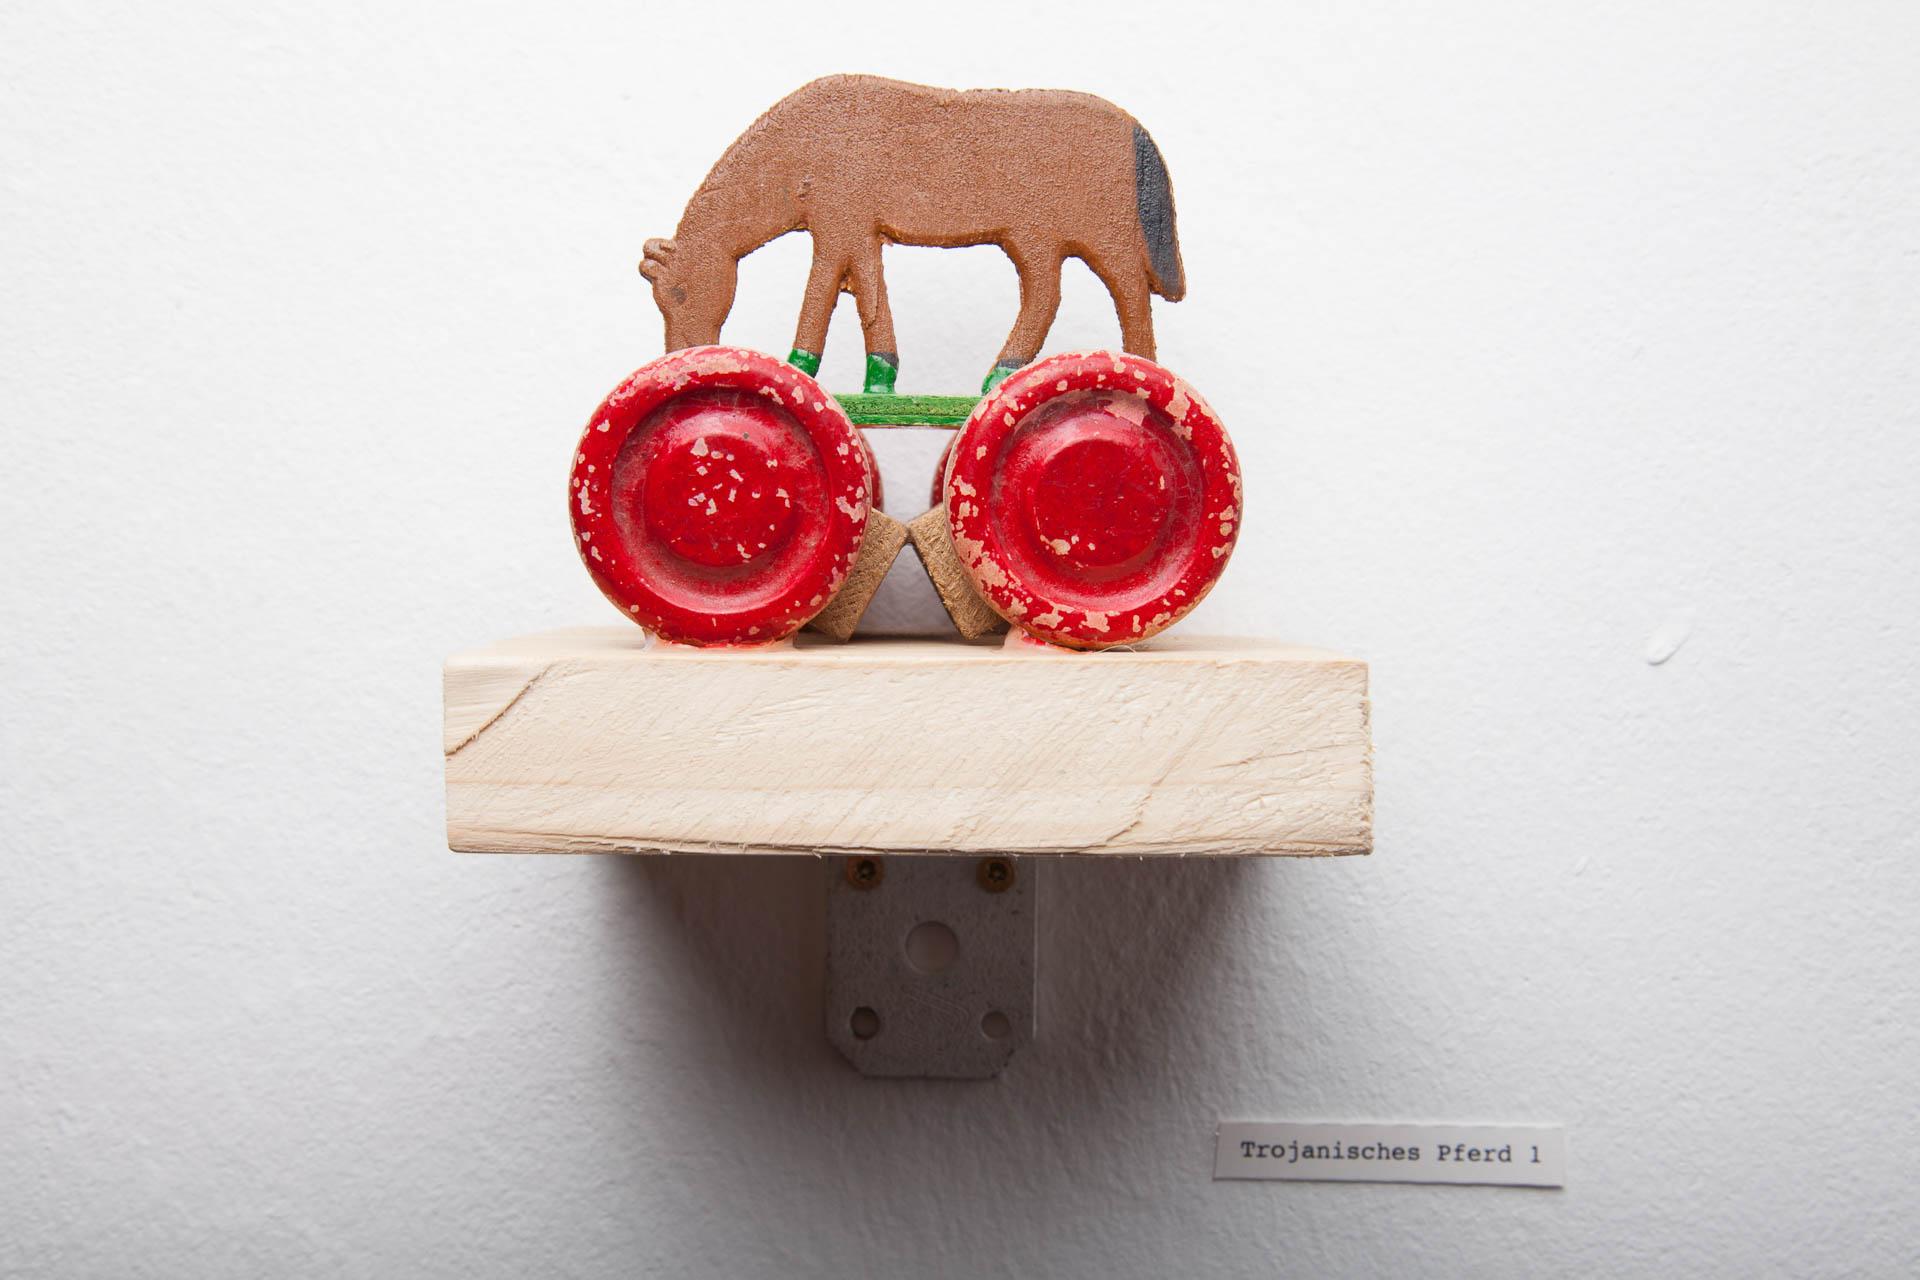 Trojanisches Pferd 2016 / verschiedene Materialien / 15 x 10 cm